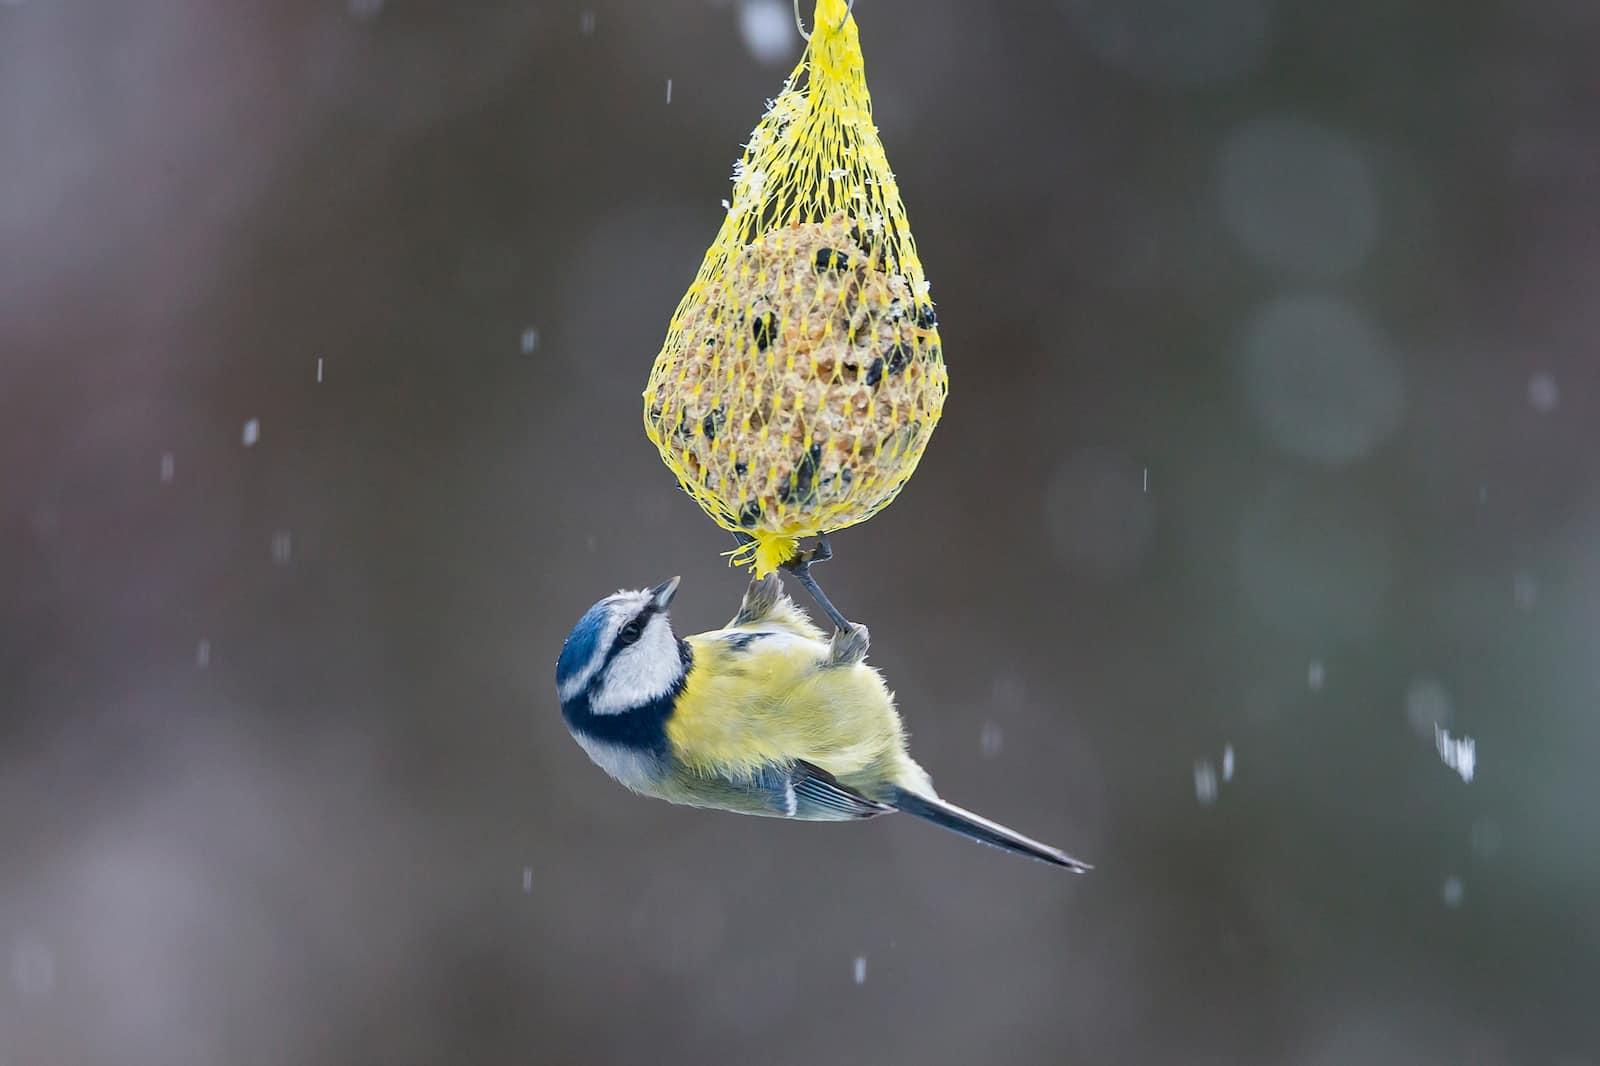 vögel füttern im winter falsche fürsorge oder wichtige